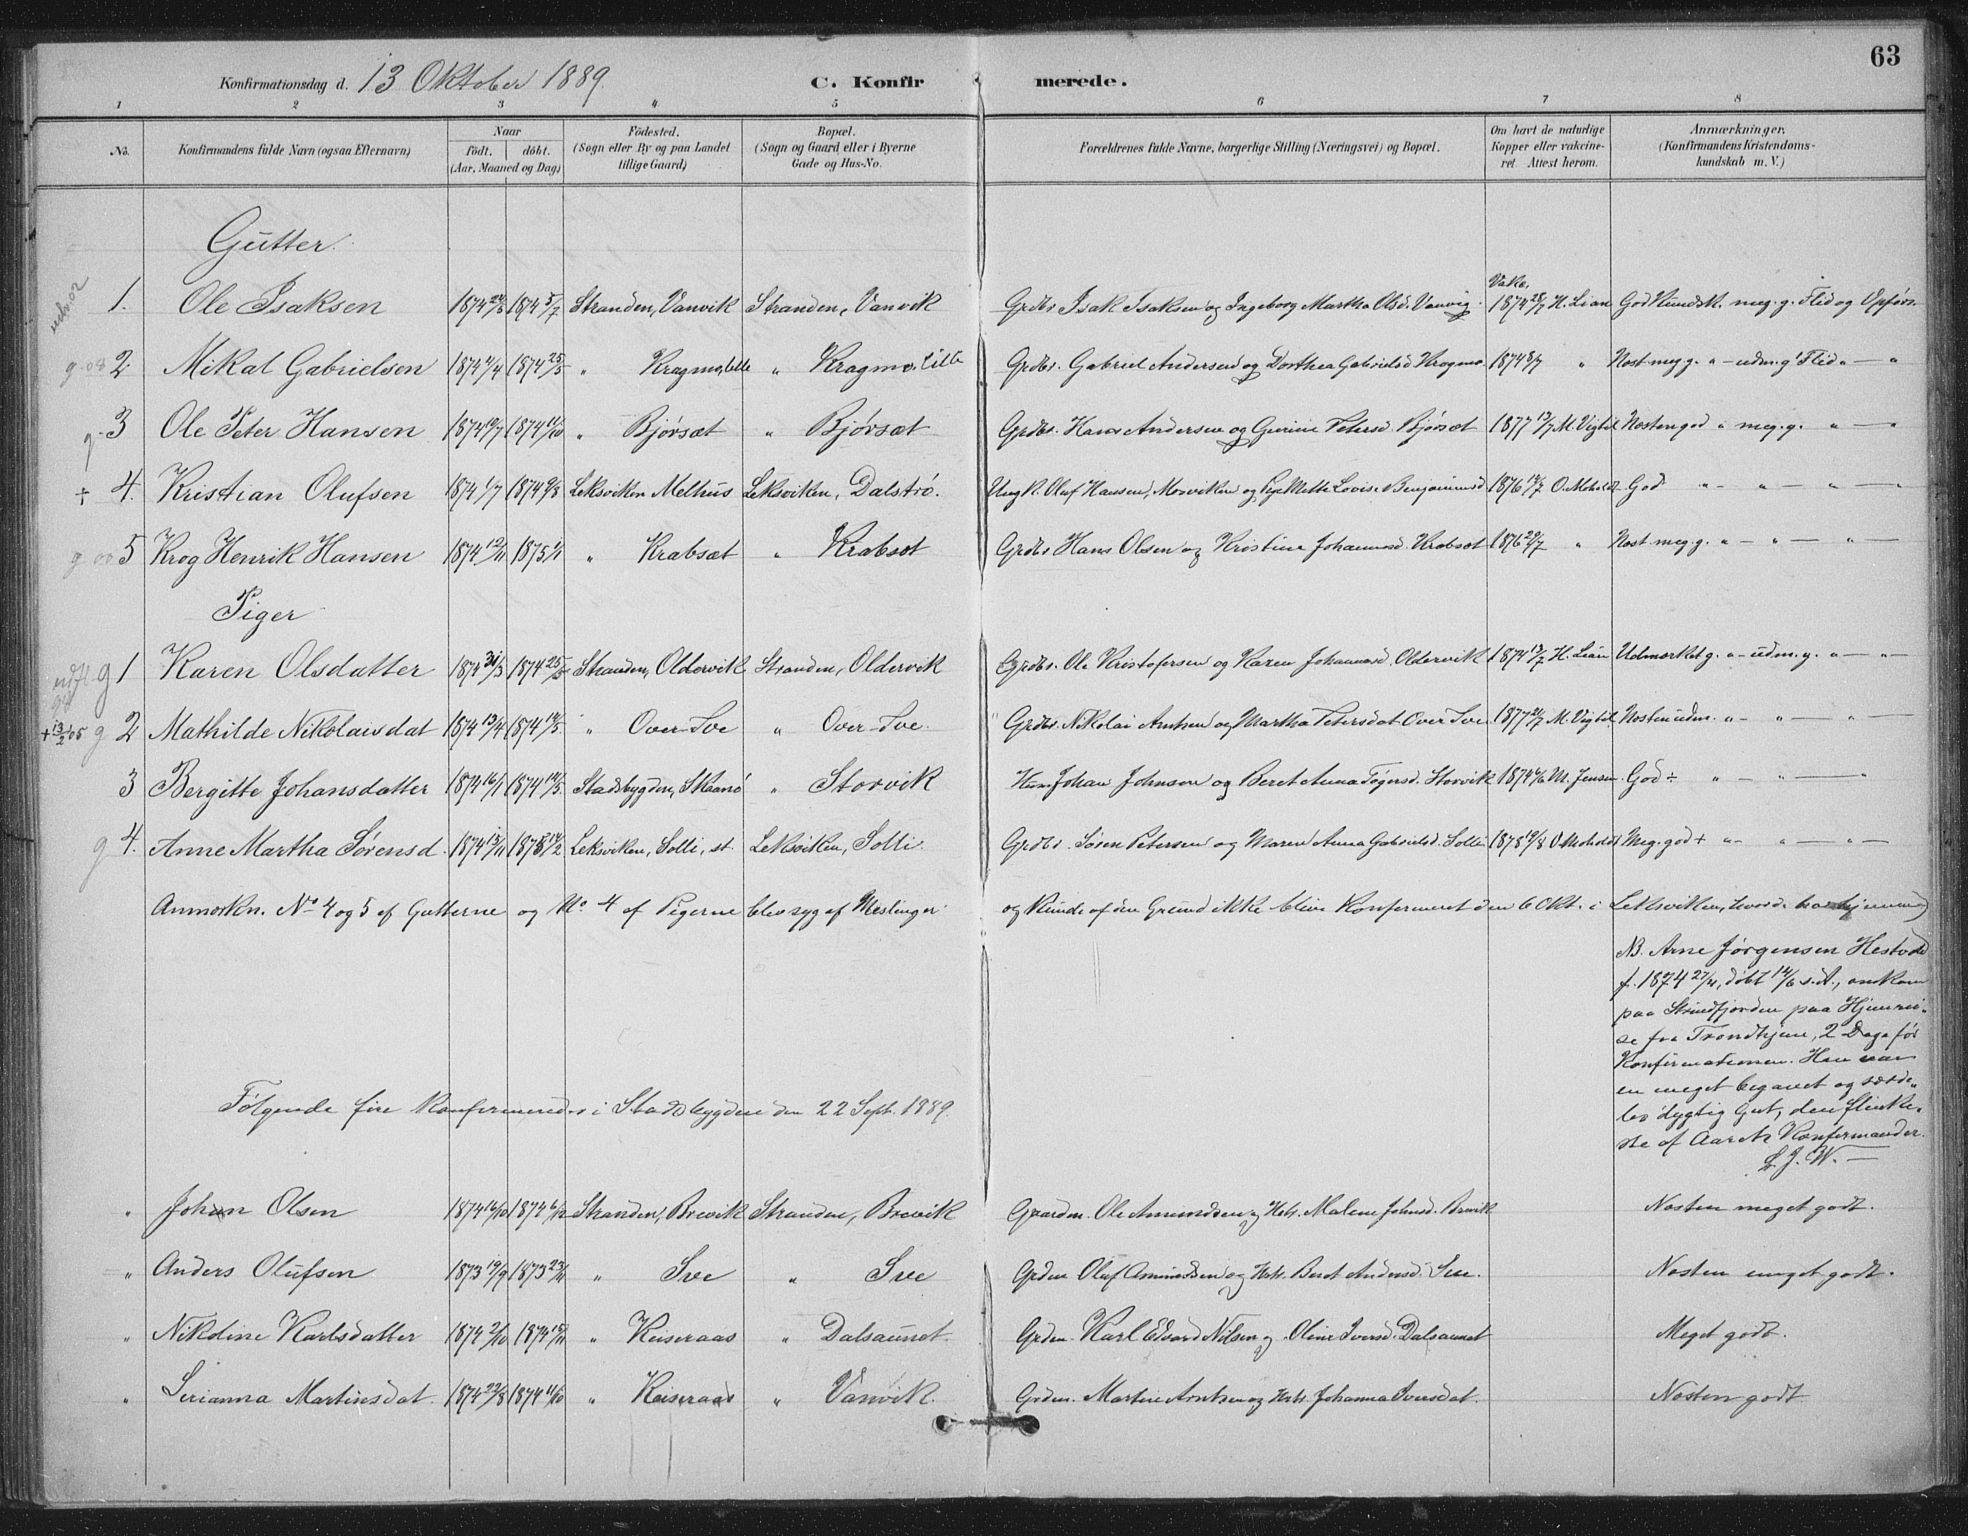 SAT, Ministerialprotokoller, klokkerbøker og fødselsregistre - Nord-Trøndelag, 702/L0023: Ministerialbok nr. 702A01, 1883-1897, s. 63